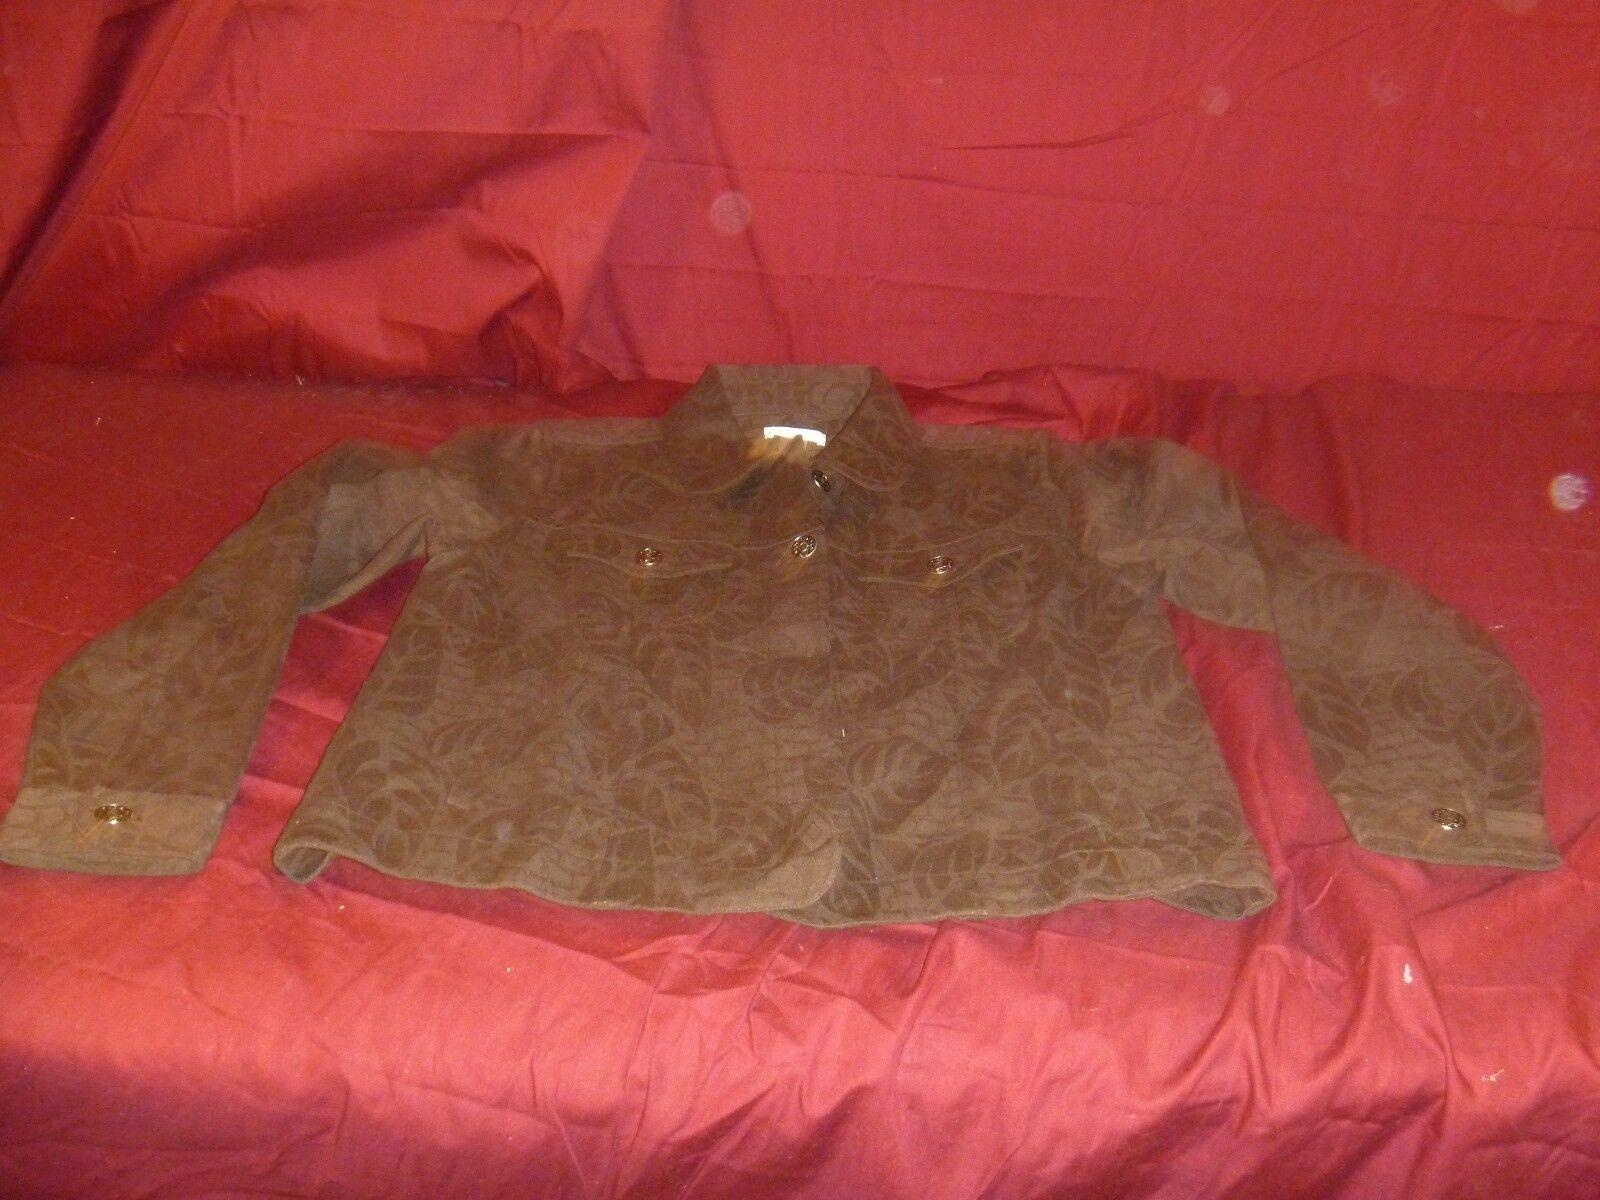 Christopher de mujeres y amp;Banks marrón chaqueta ligera tamaño medio lindo!RB 11822